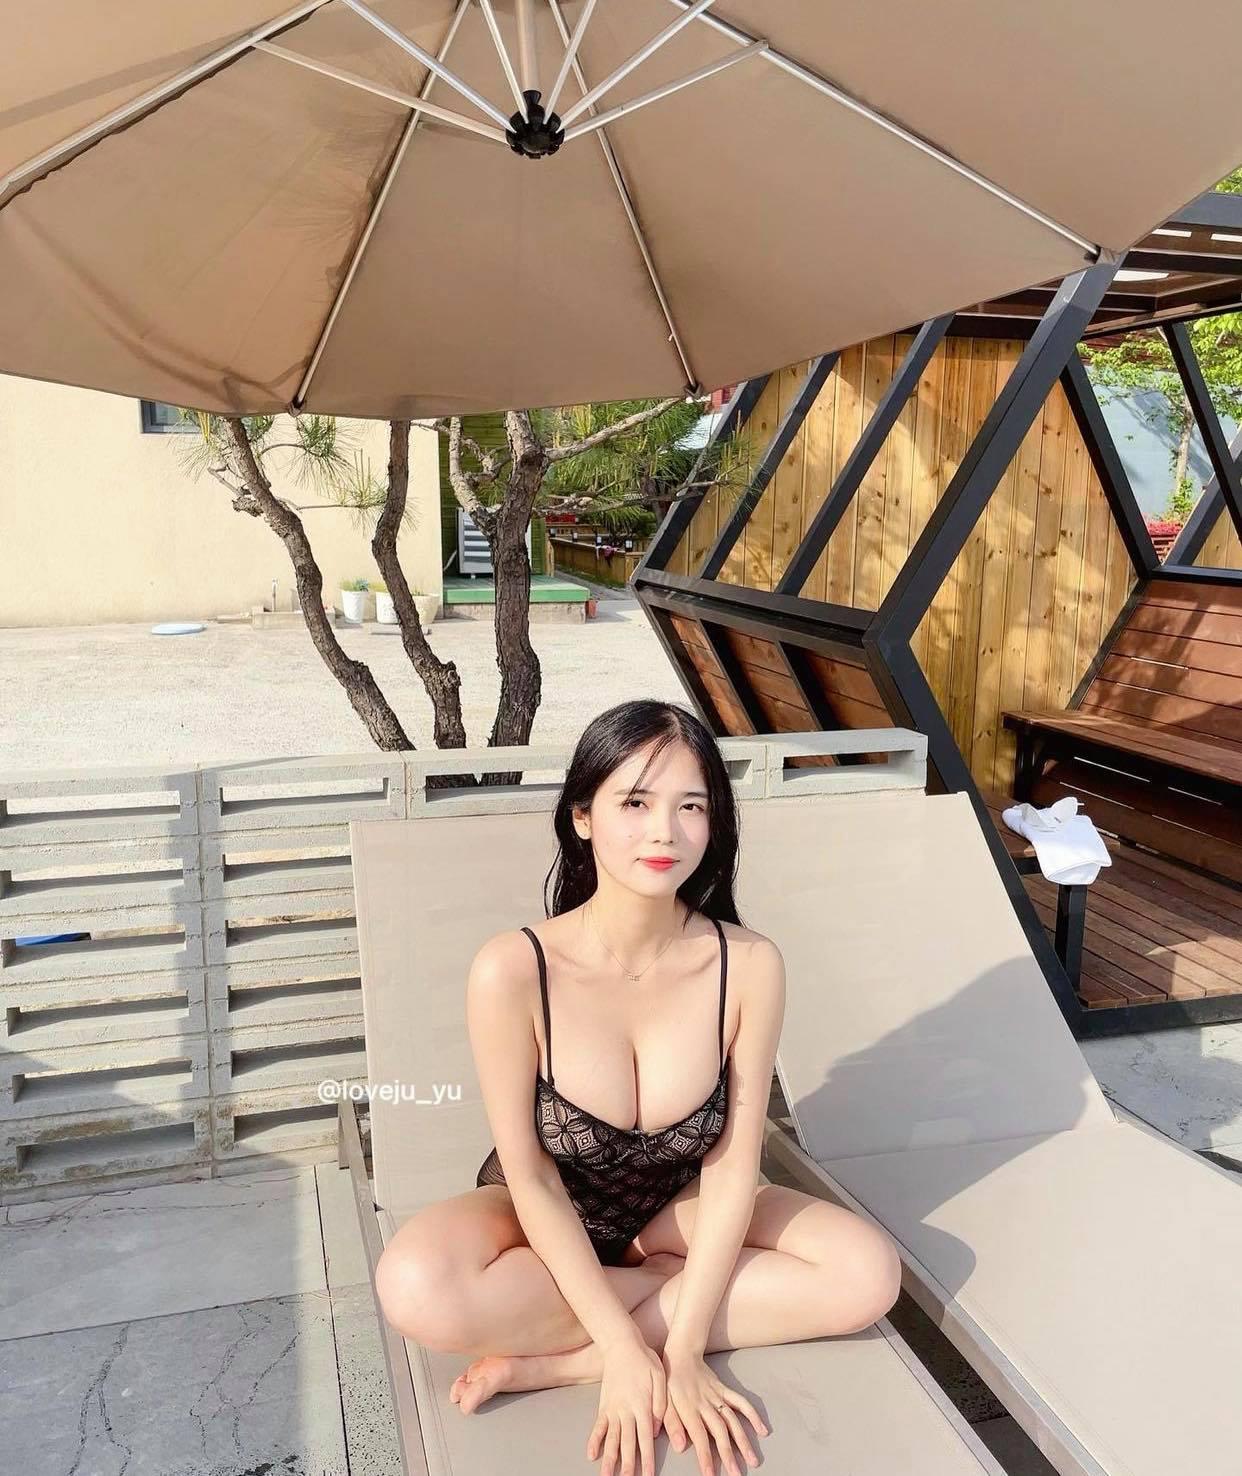 Nữ y tá xinh nhất Hàn Quốc quyết không giảm cân, giữ vững vẻ đẹp tròn đầy vạn người mê - 3